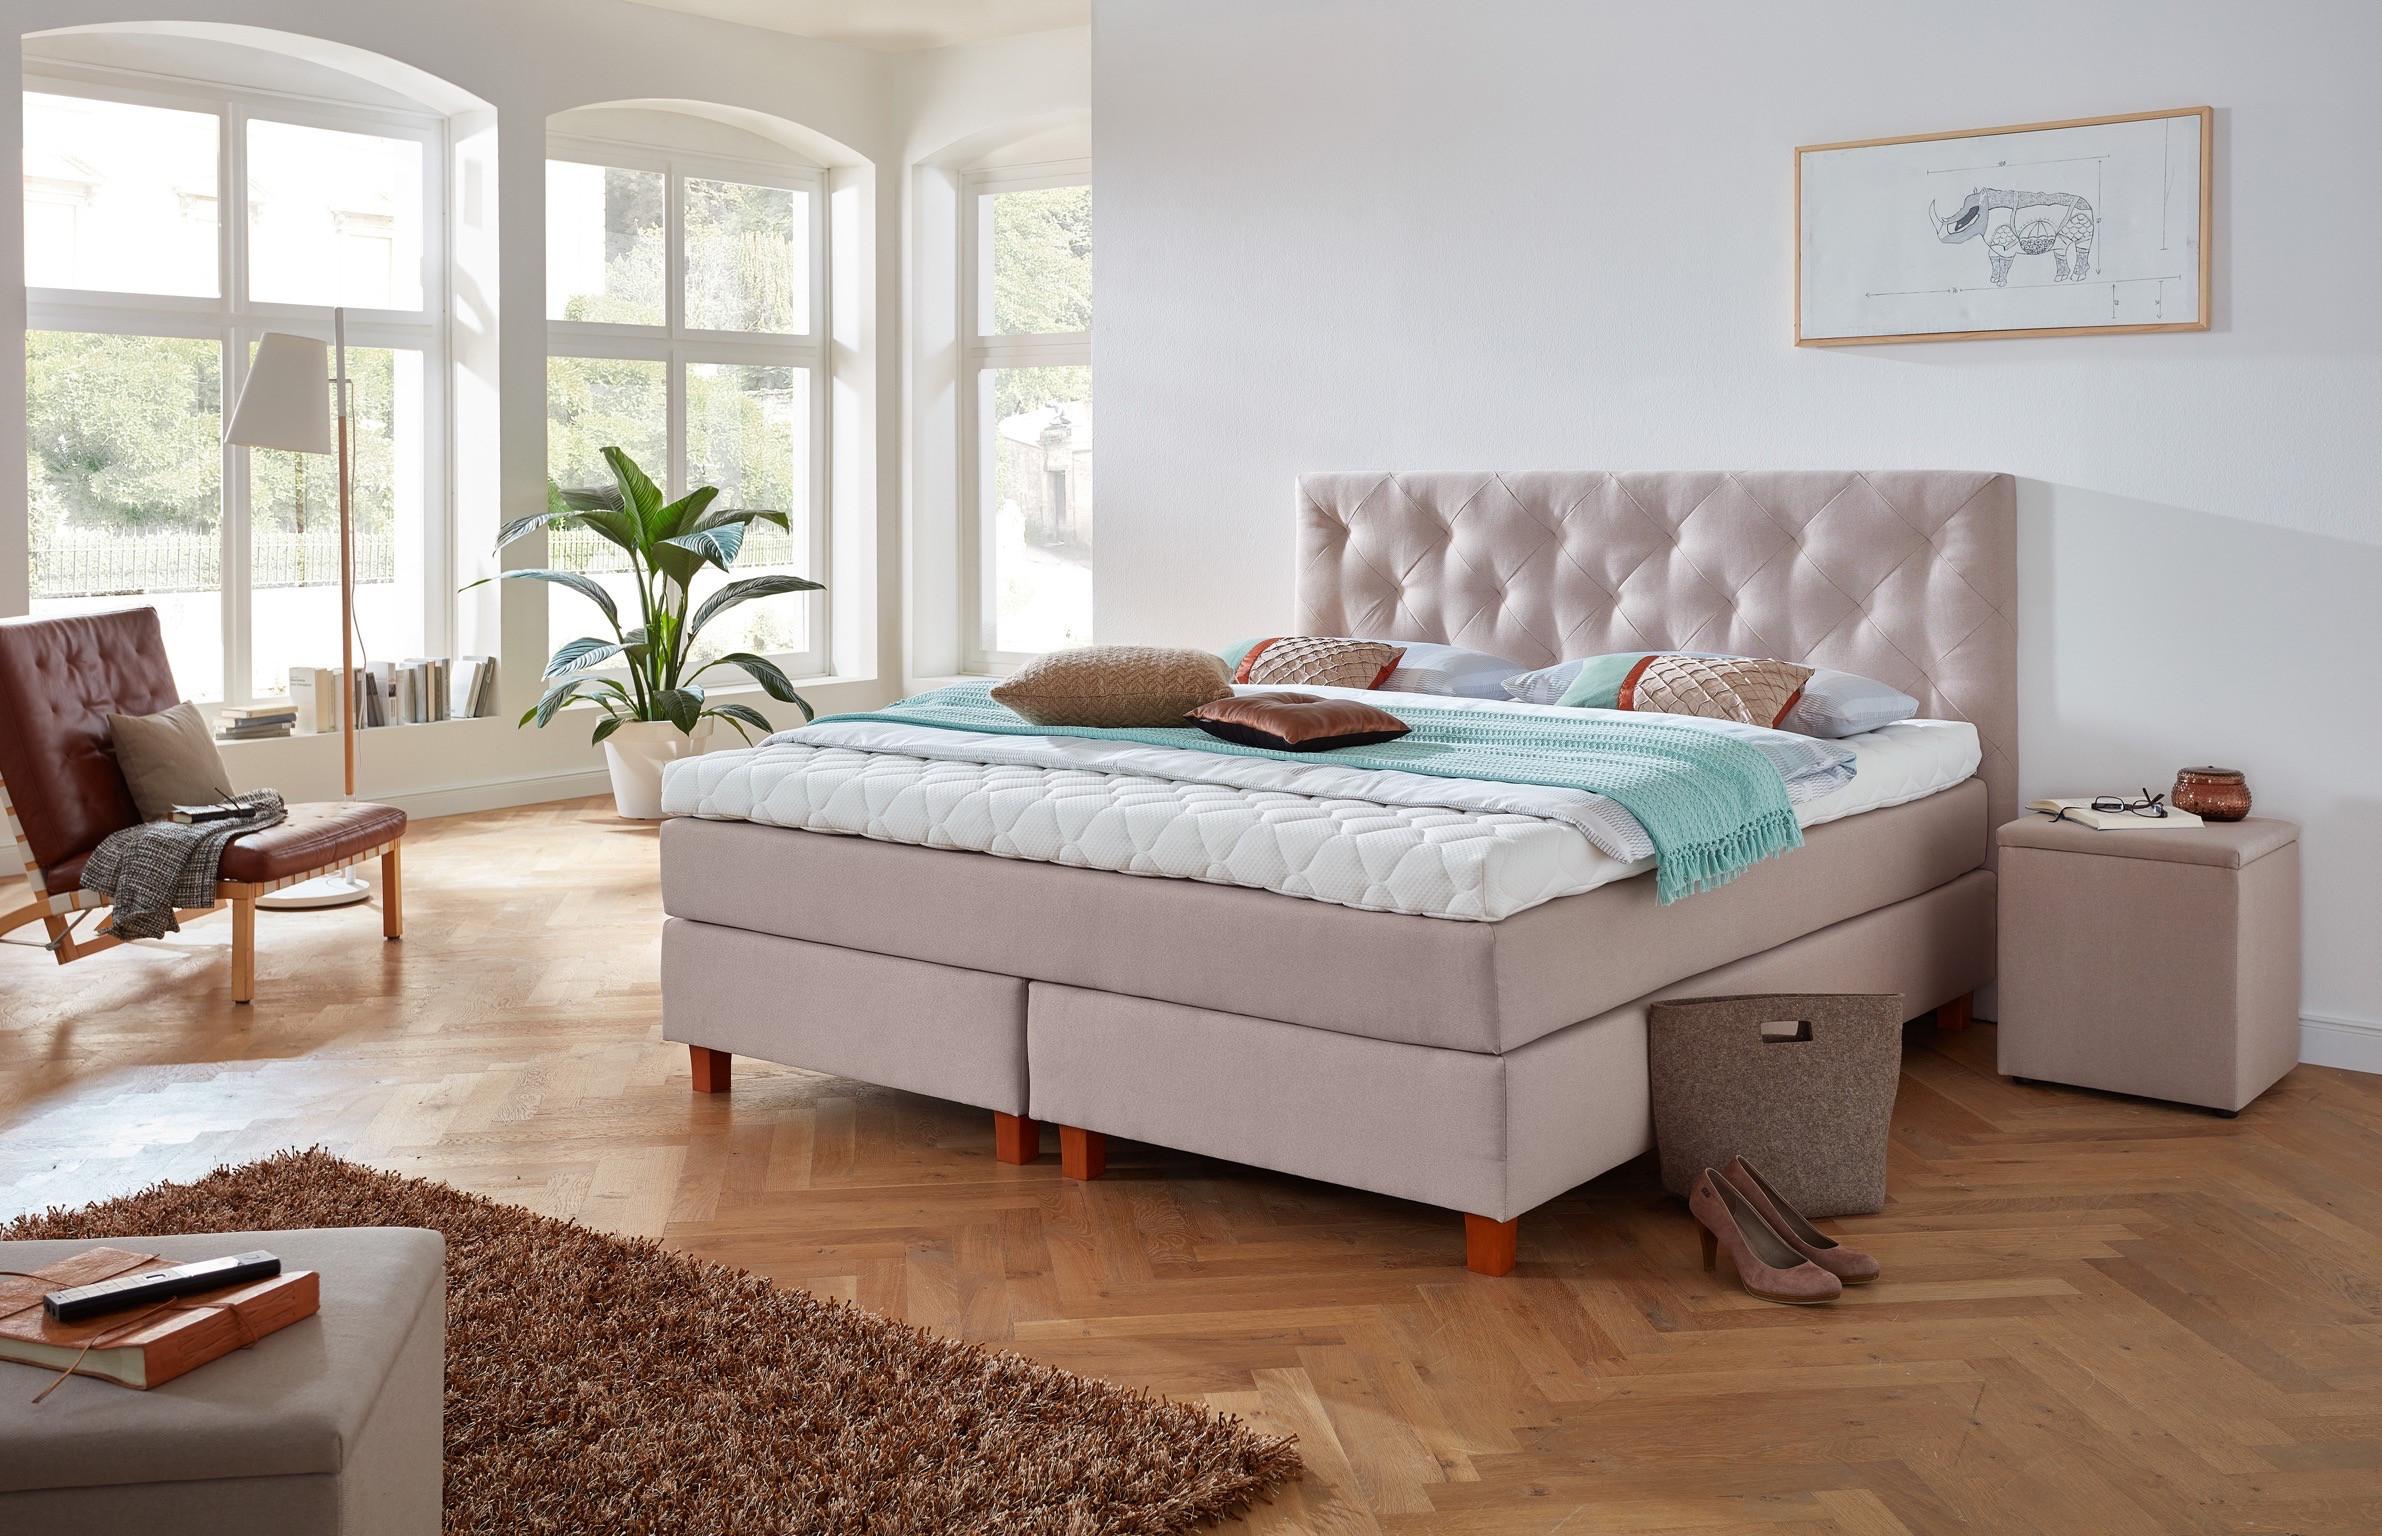 Betten Ritter Karlsruhe  Betten kaufen